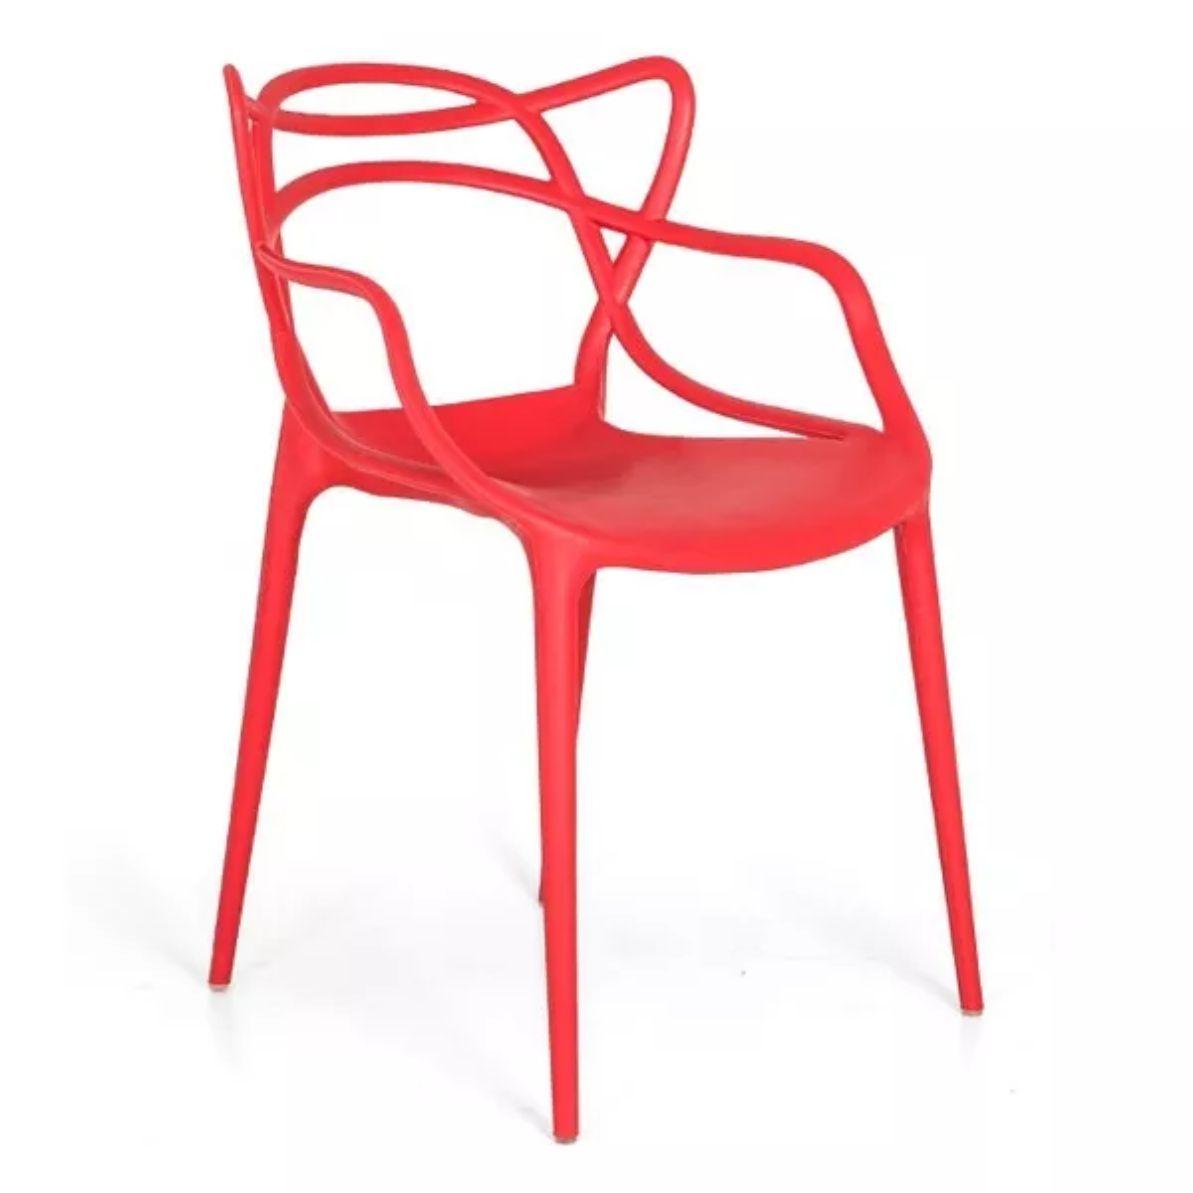 Kit 6 Cadeiras Design Allegra Pelegrin PEL-1737 Cor Vermelha